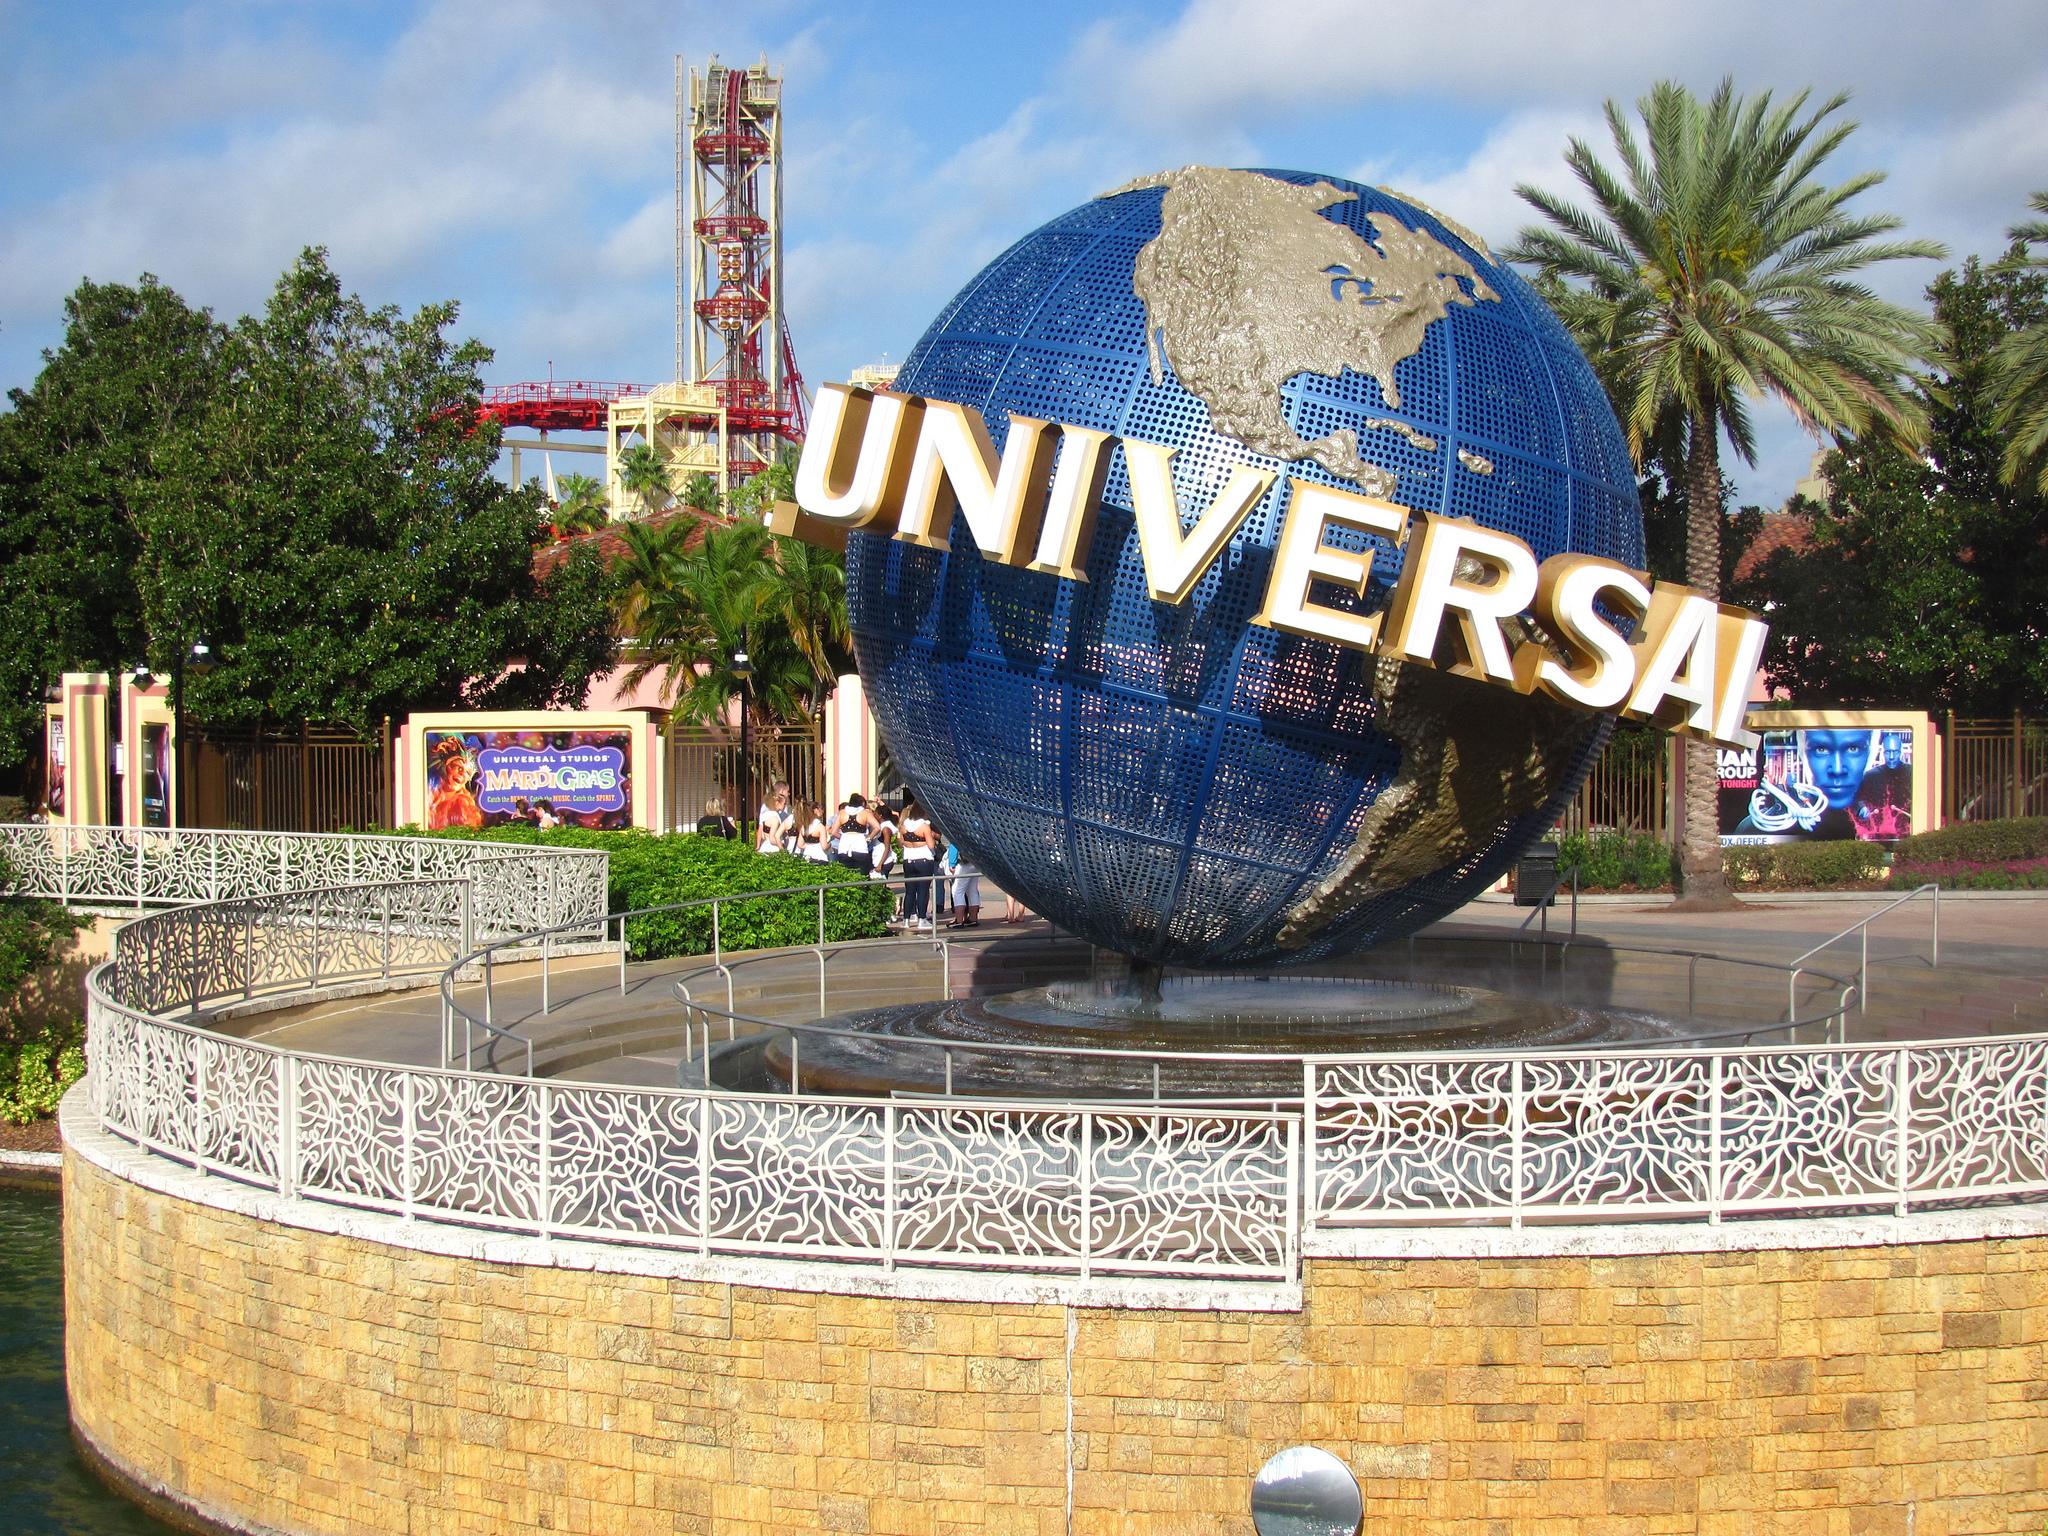 A Universal Studios játékparkjának bejárata. Universal City filmstúdiótelep olyan nagy, hogy állítólag saját tűzoltóállomása is van. (fotó: flickr)